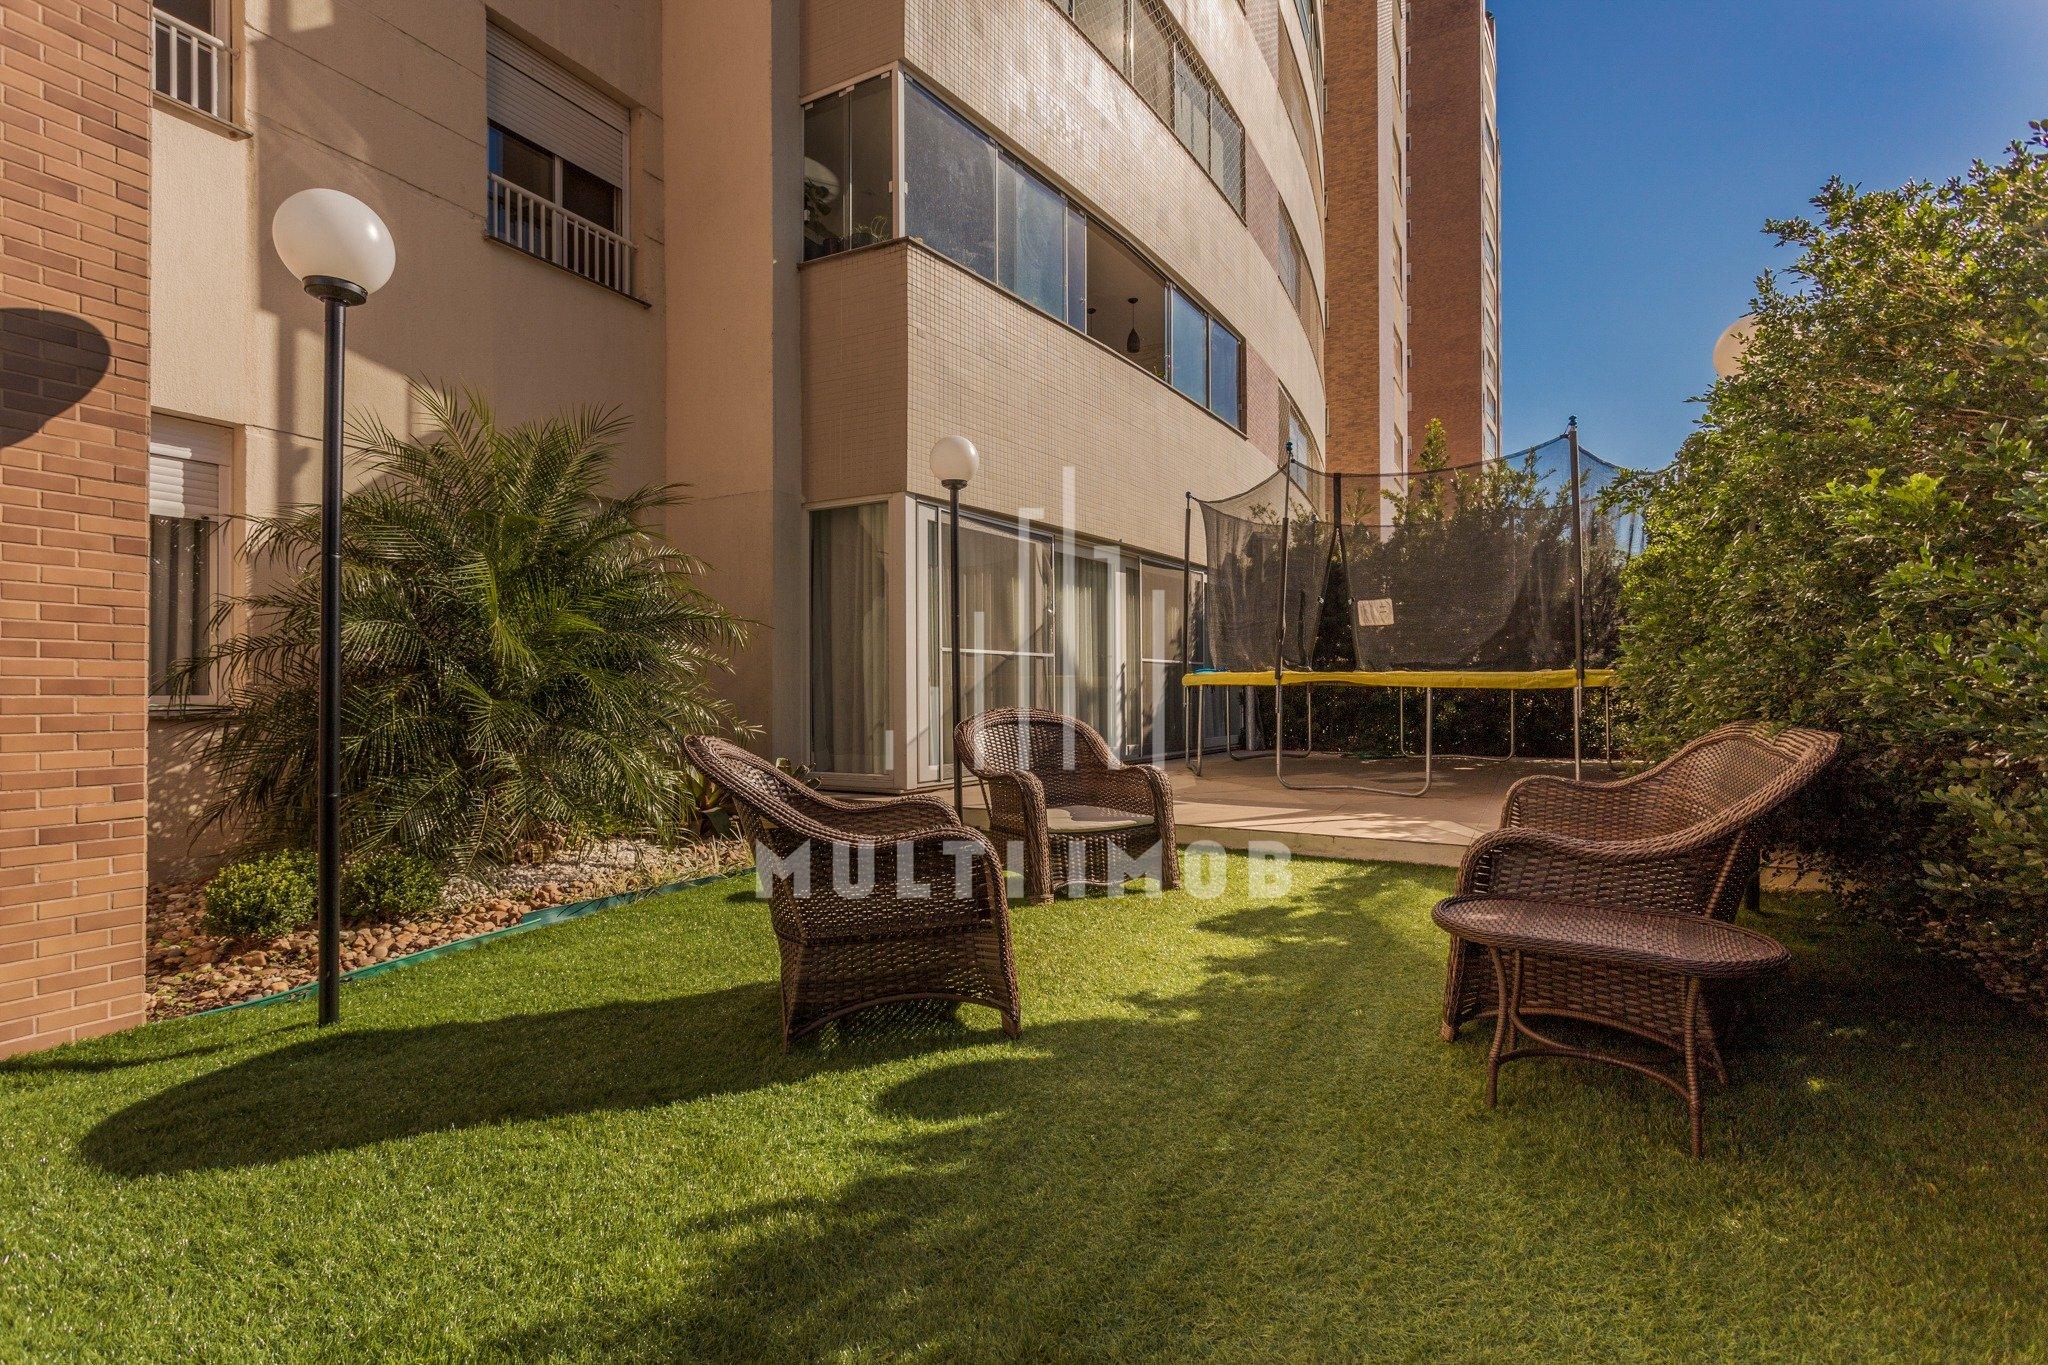 Apartamento Garden com 336m² e 5 dormitórios no bairro Central Parque em Porto Alegre para Comprar